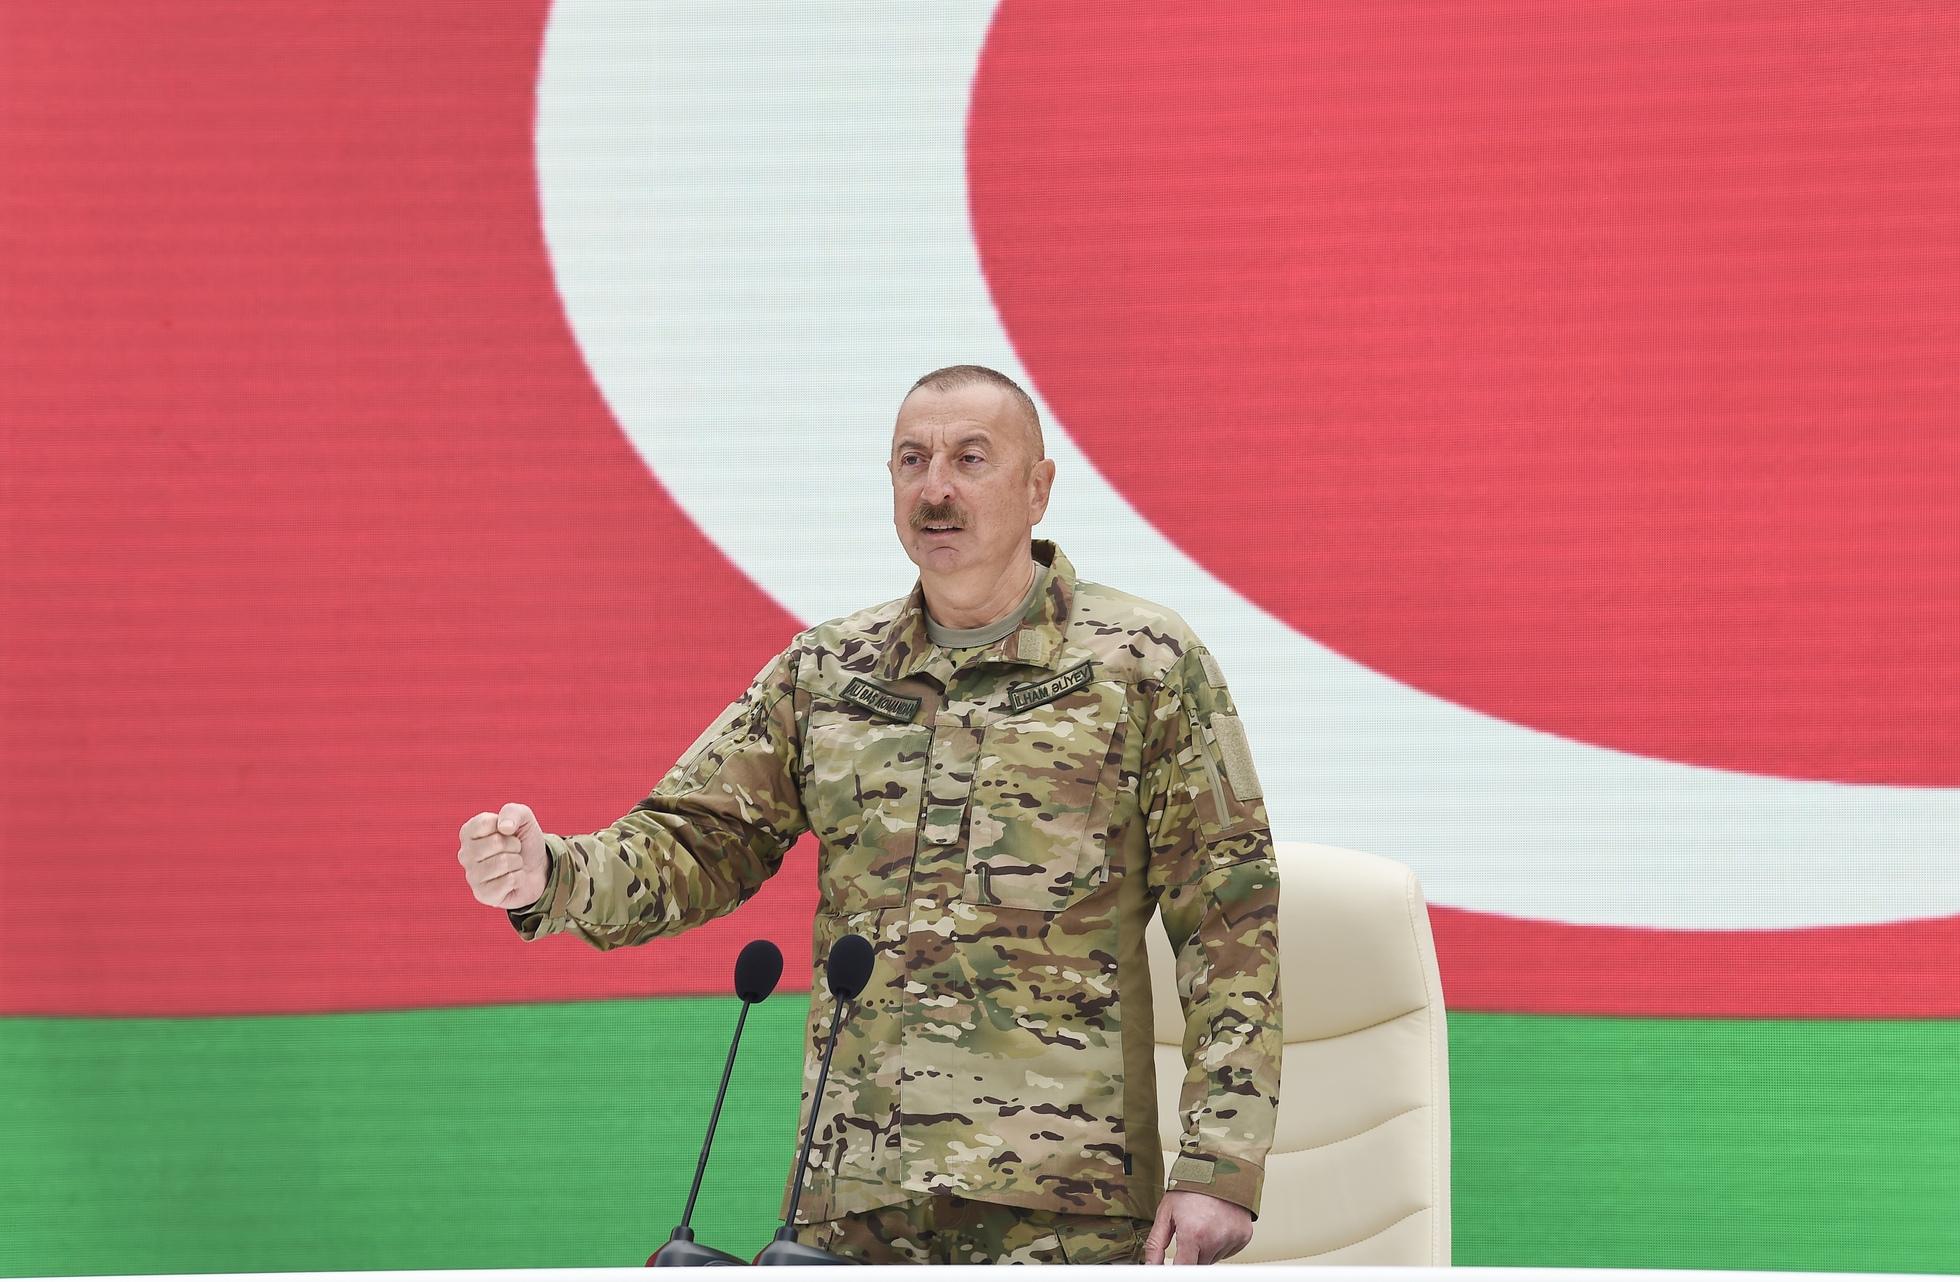 Böyük Qələbə Azərbaycan dövlətinin hərbi gücünün təzahürüdür.